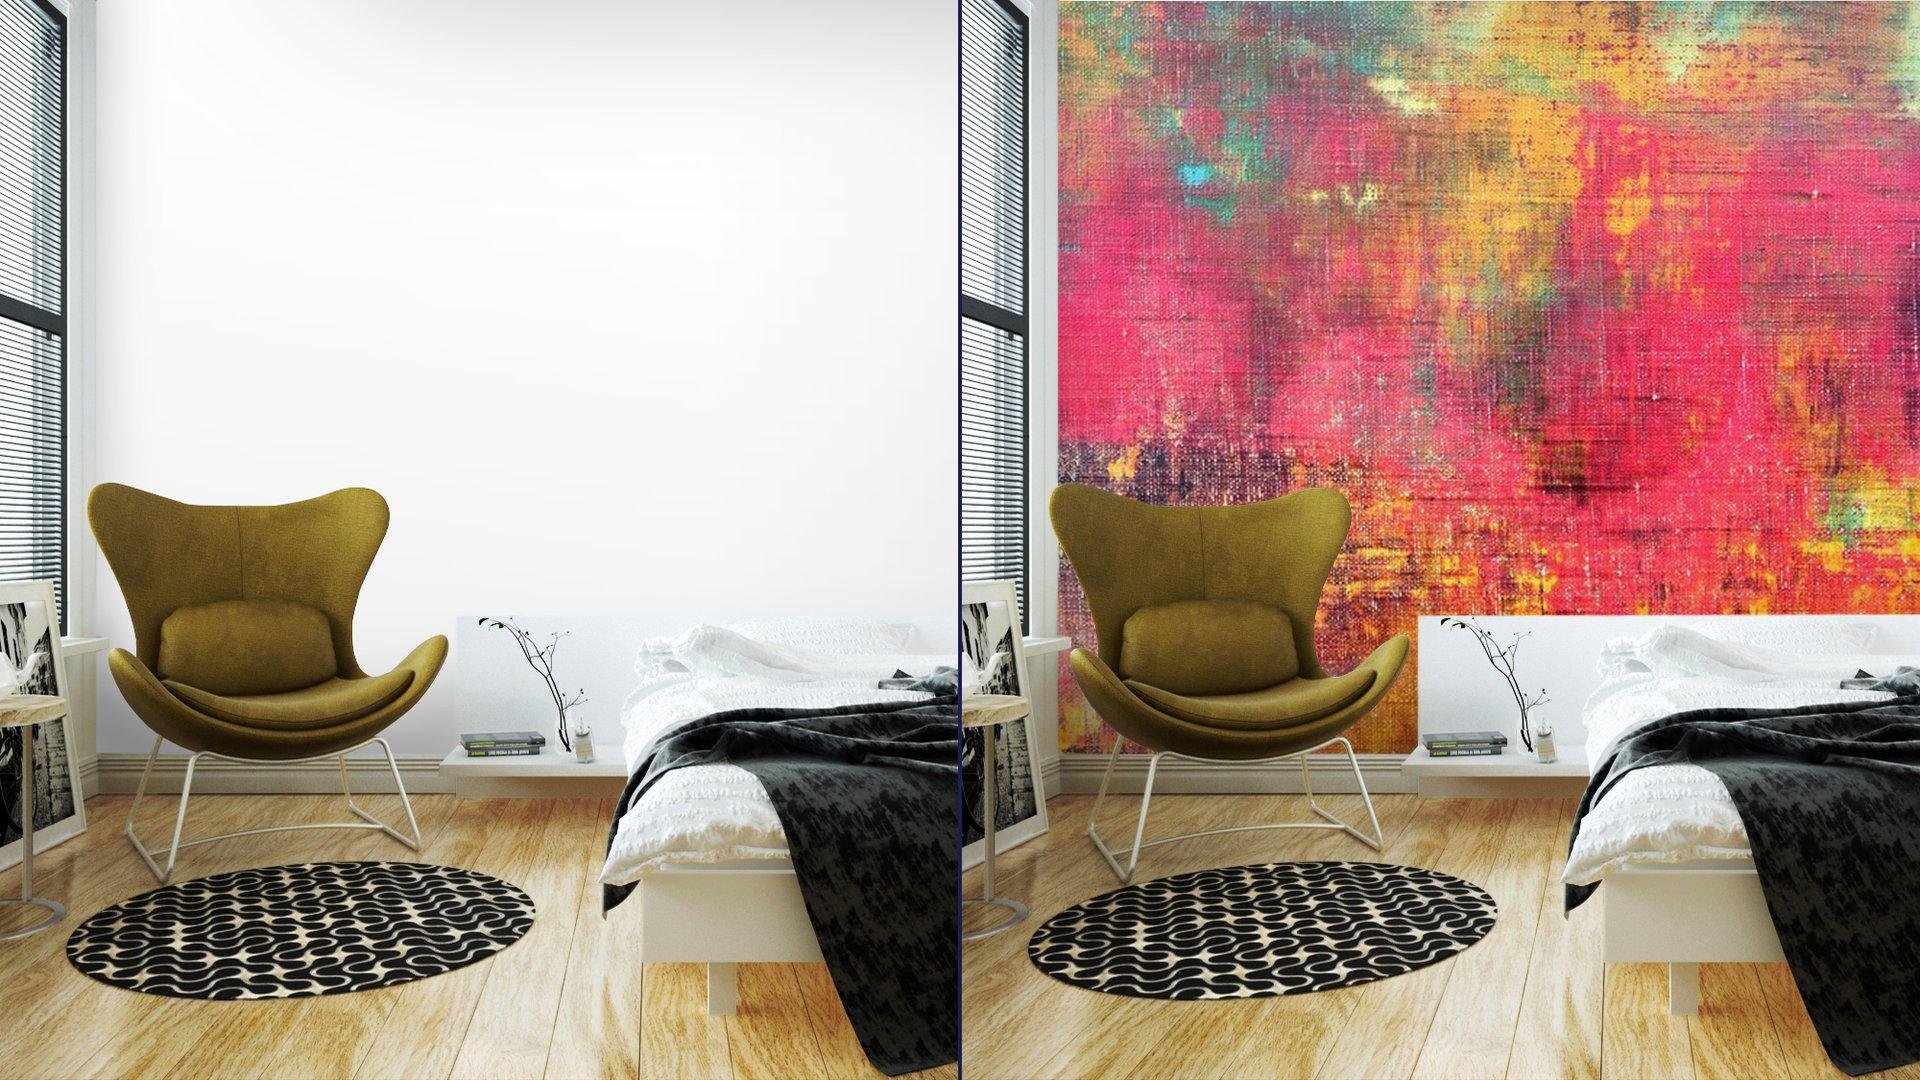 MANO ABSTRACTO COLORIDO LIENZO PINTADO TEXTURA DE FONDO7 - Fotomural Tapiz Abstracto Colorido 01